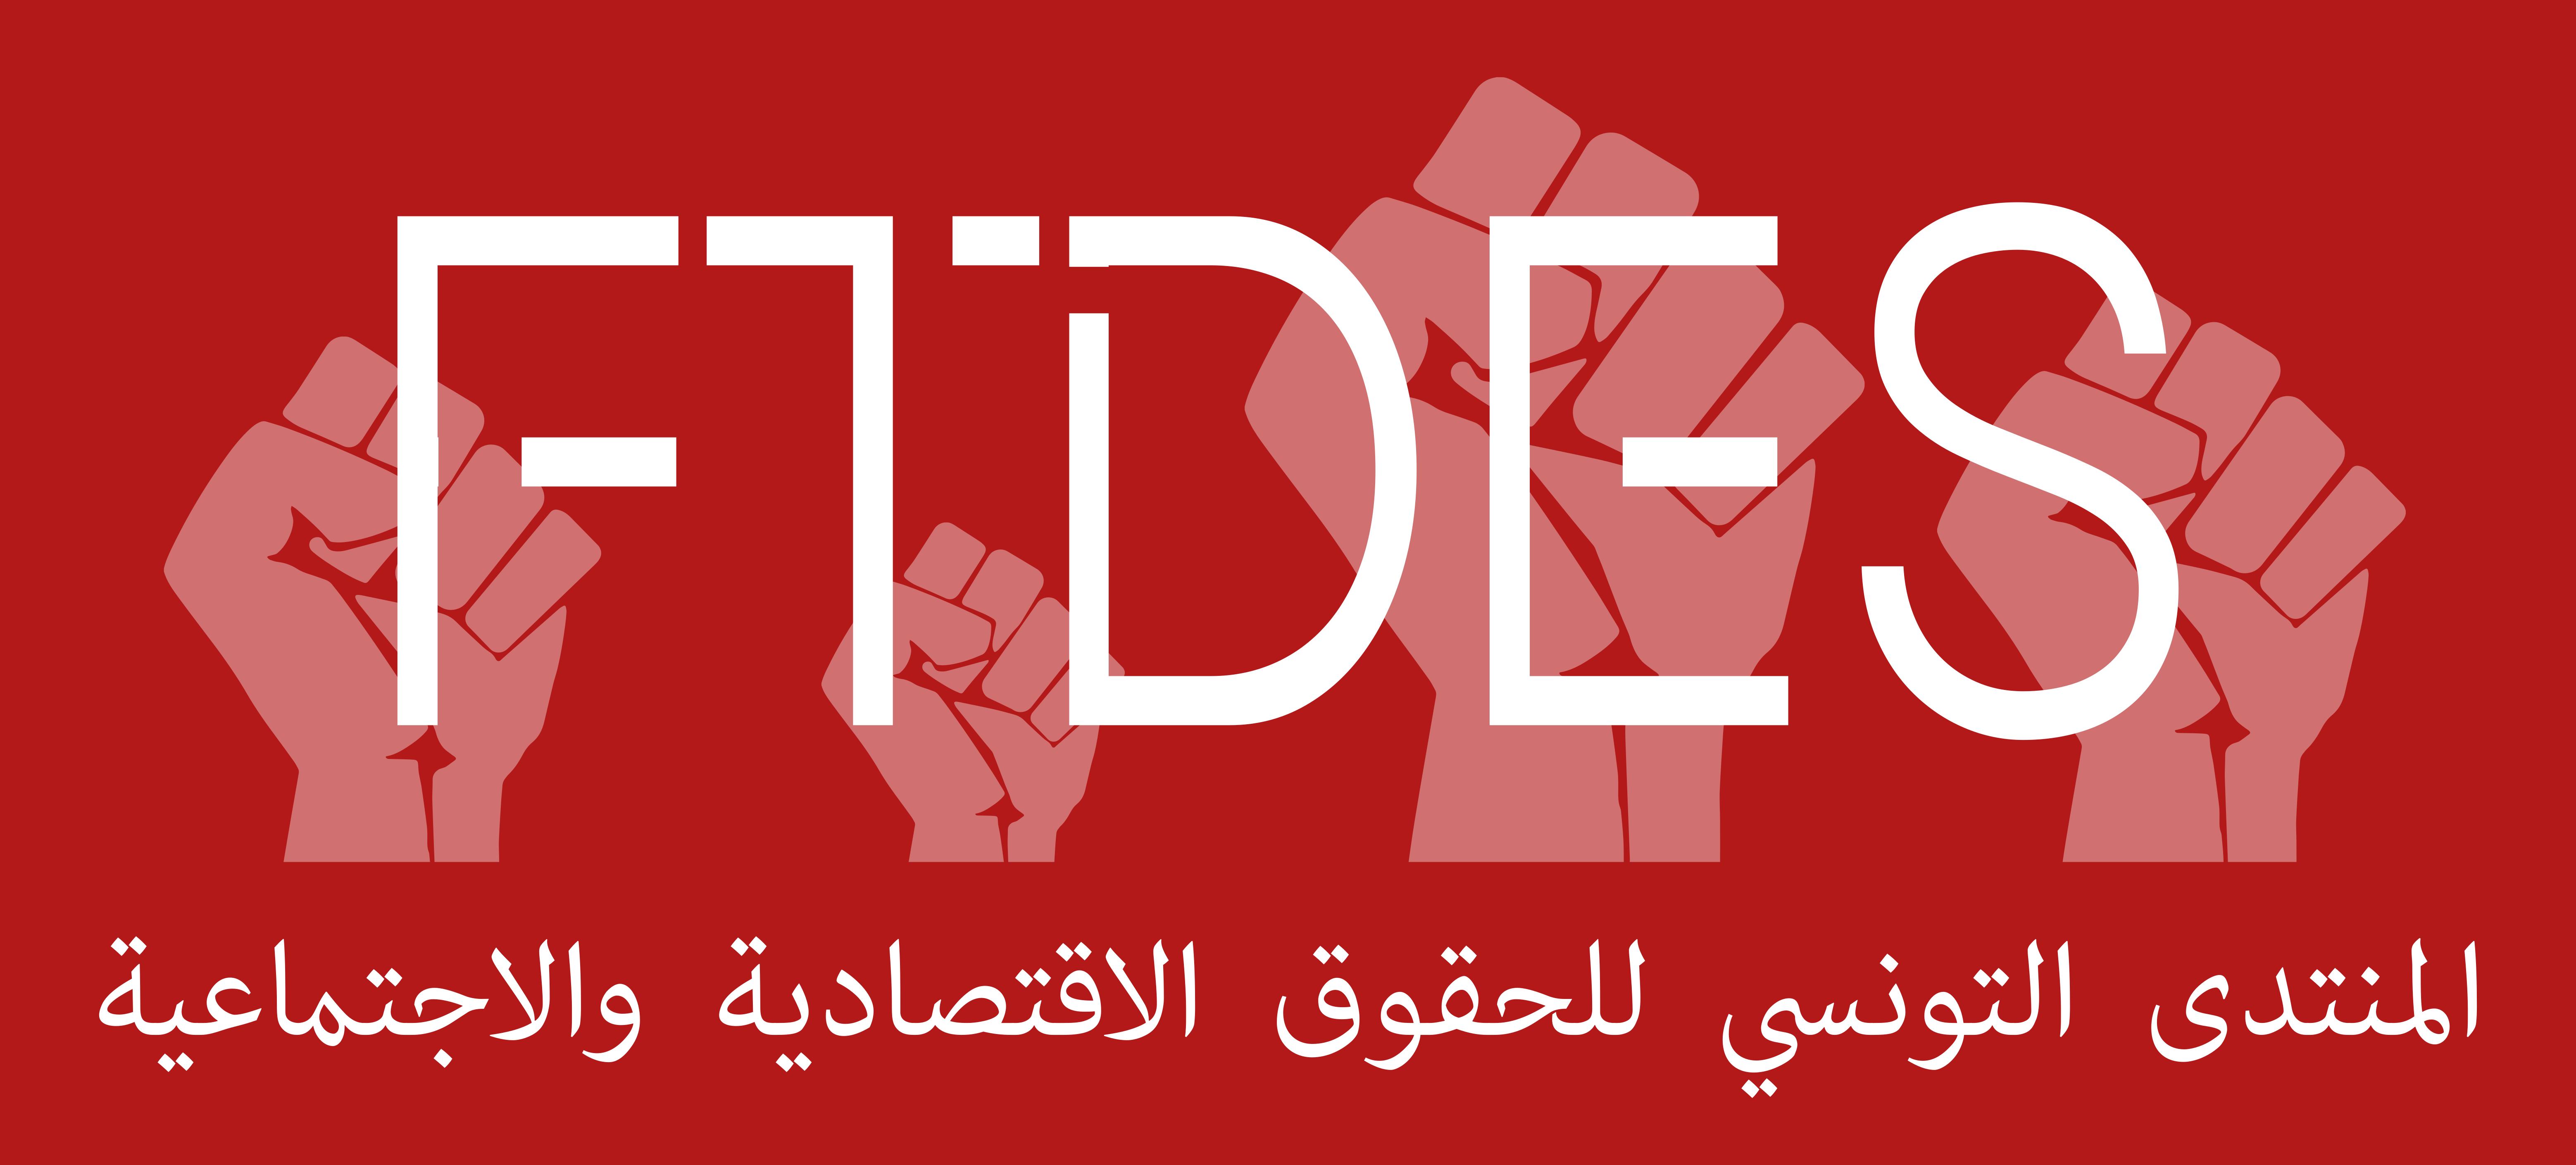 ftdes المنتدى التونسي للحقوق